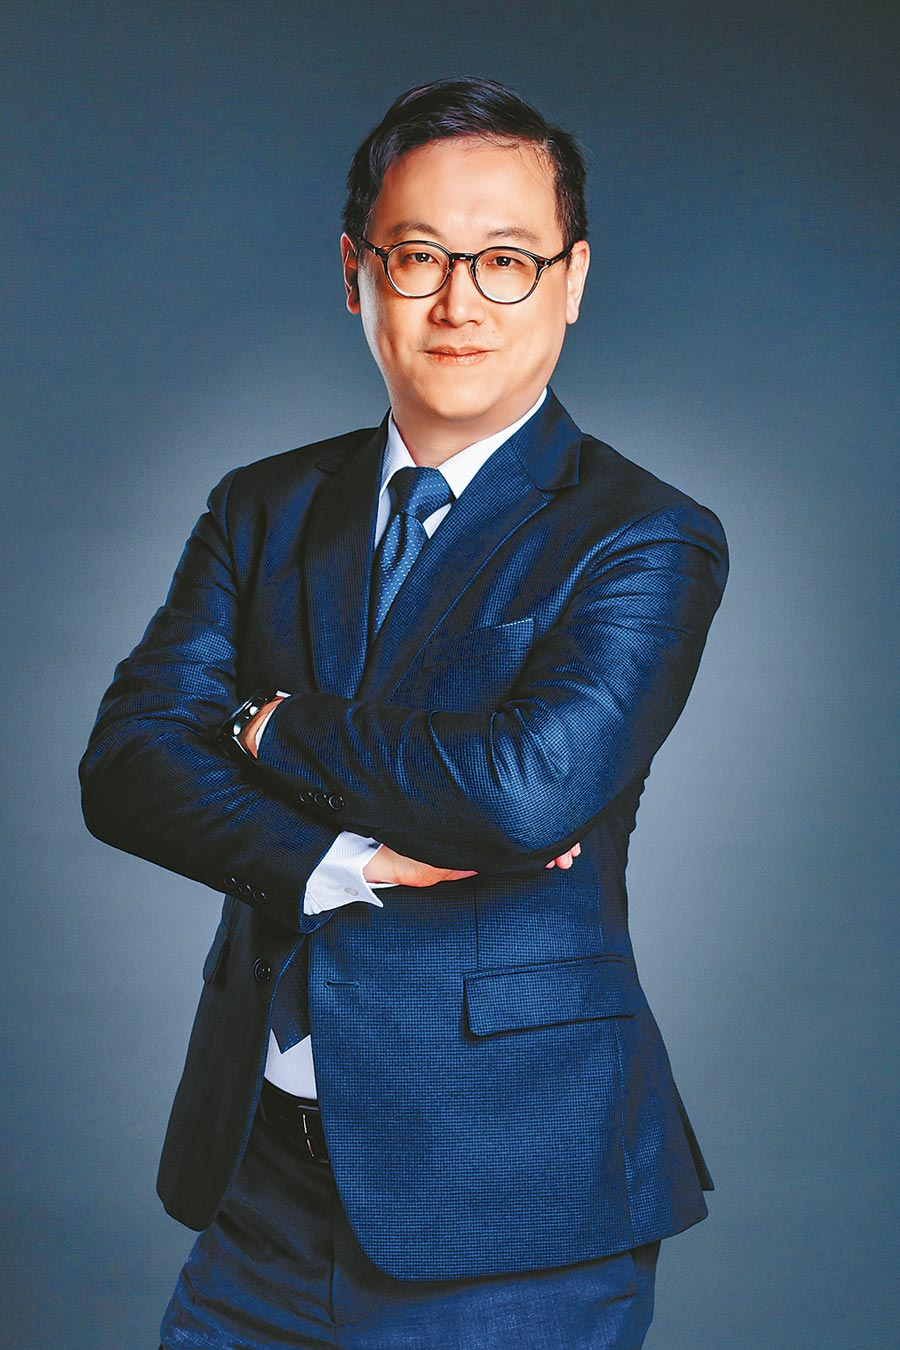 甲桂林廣告研展部協理李尚華。(本報資料照片)